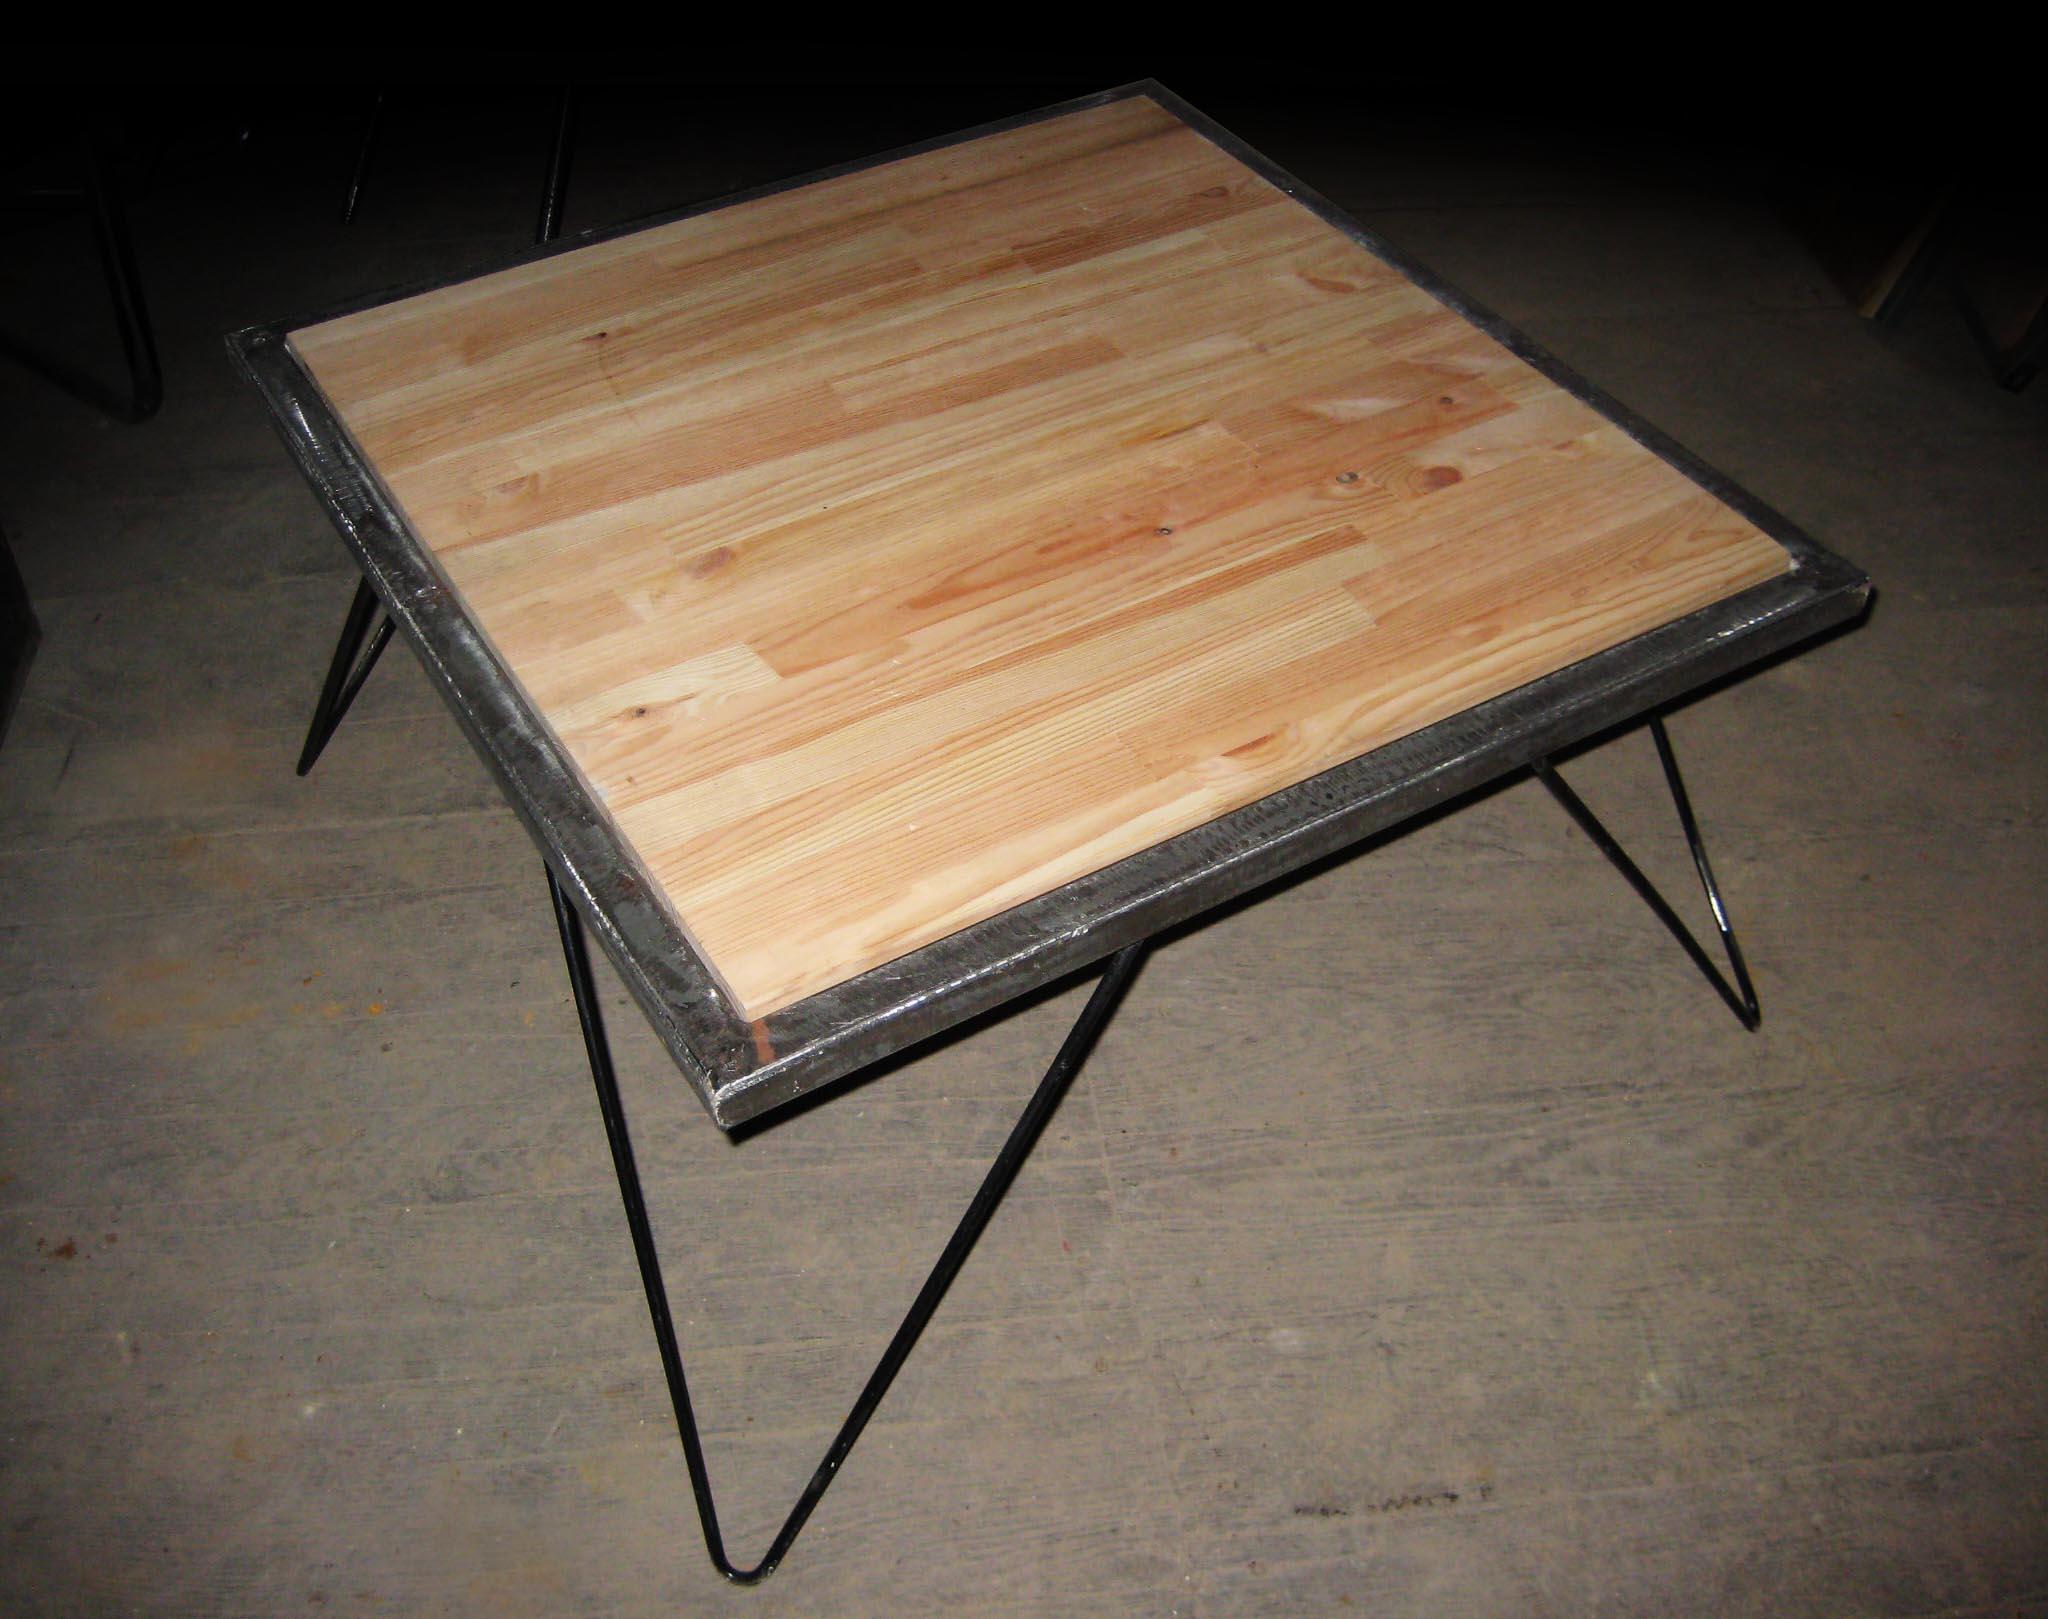 Tables Basses Reactivedesign Meubles Acier # Mode De Table De Basse